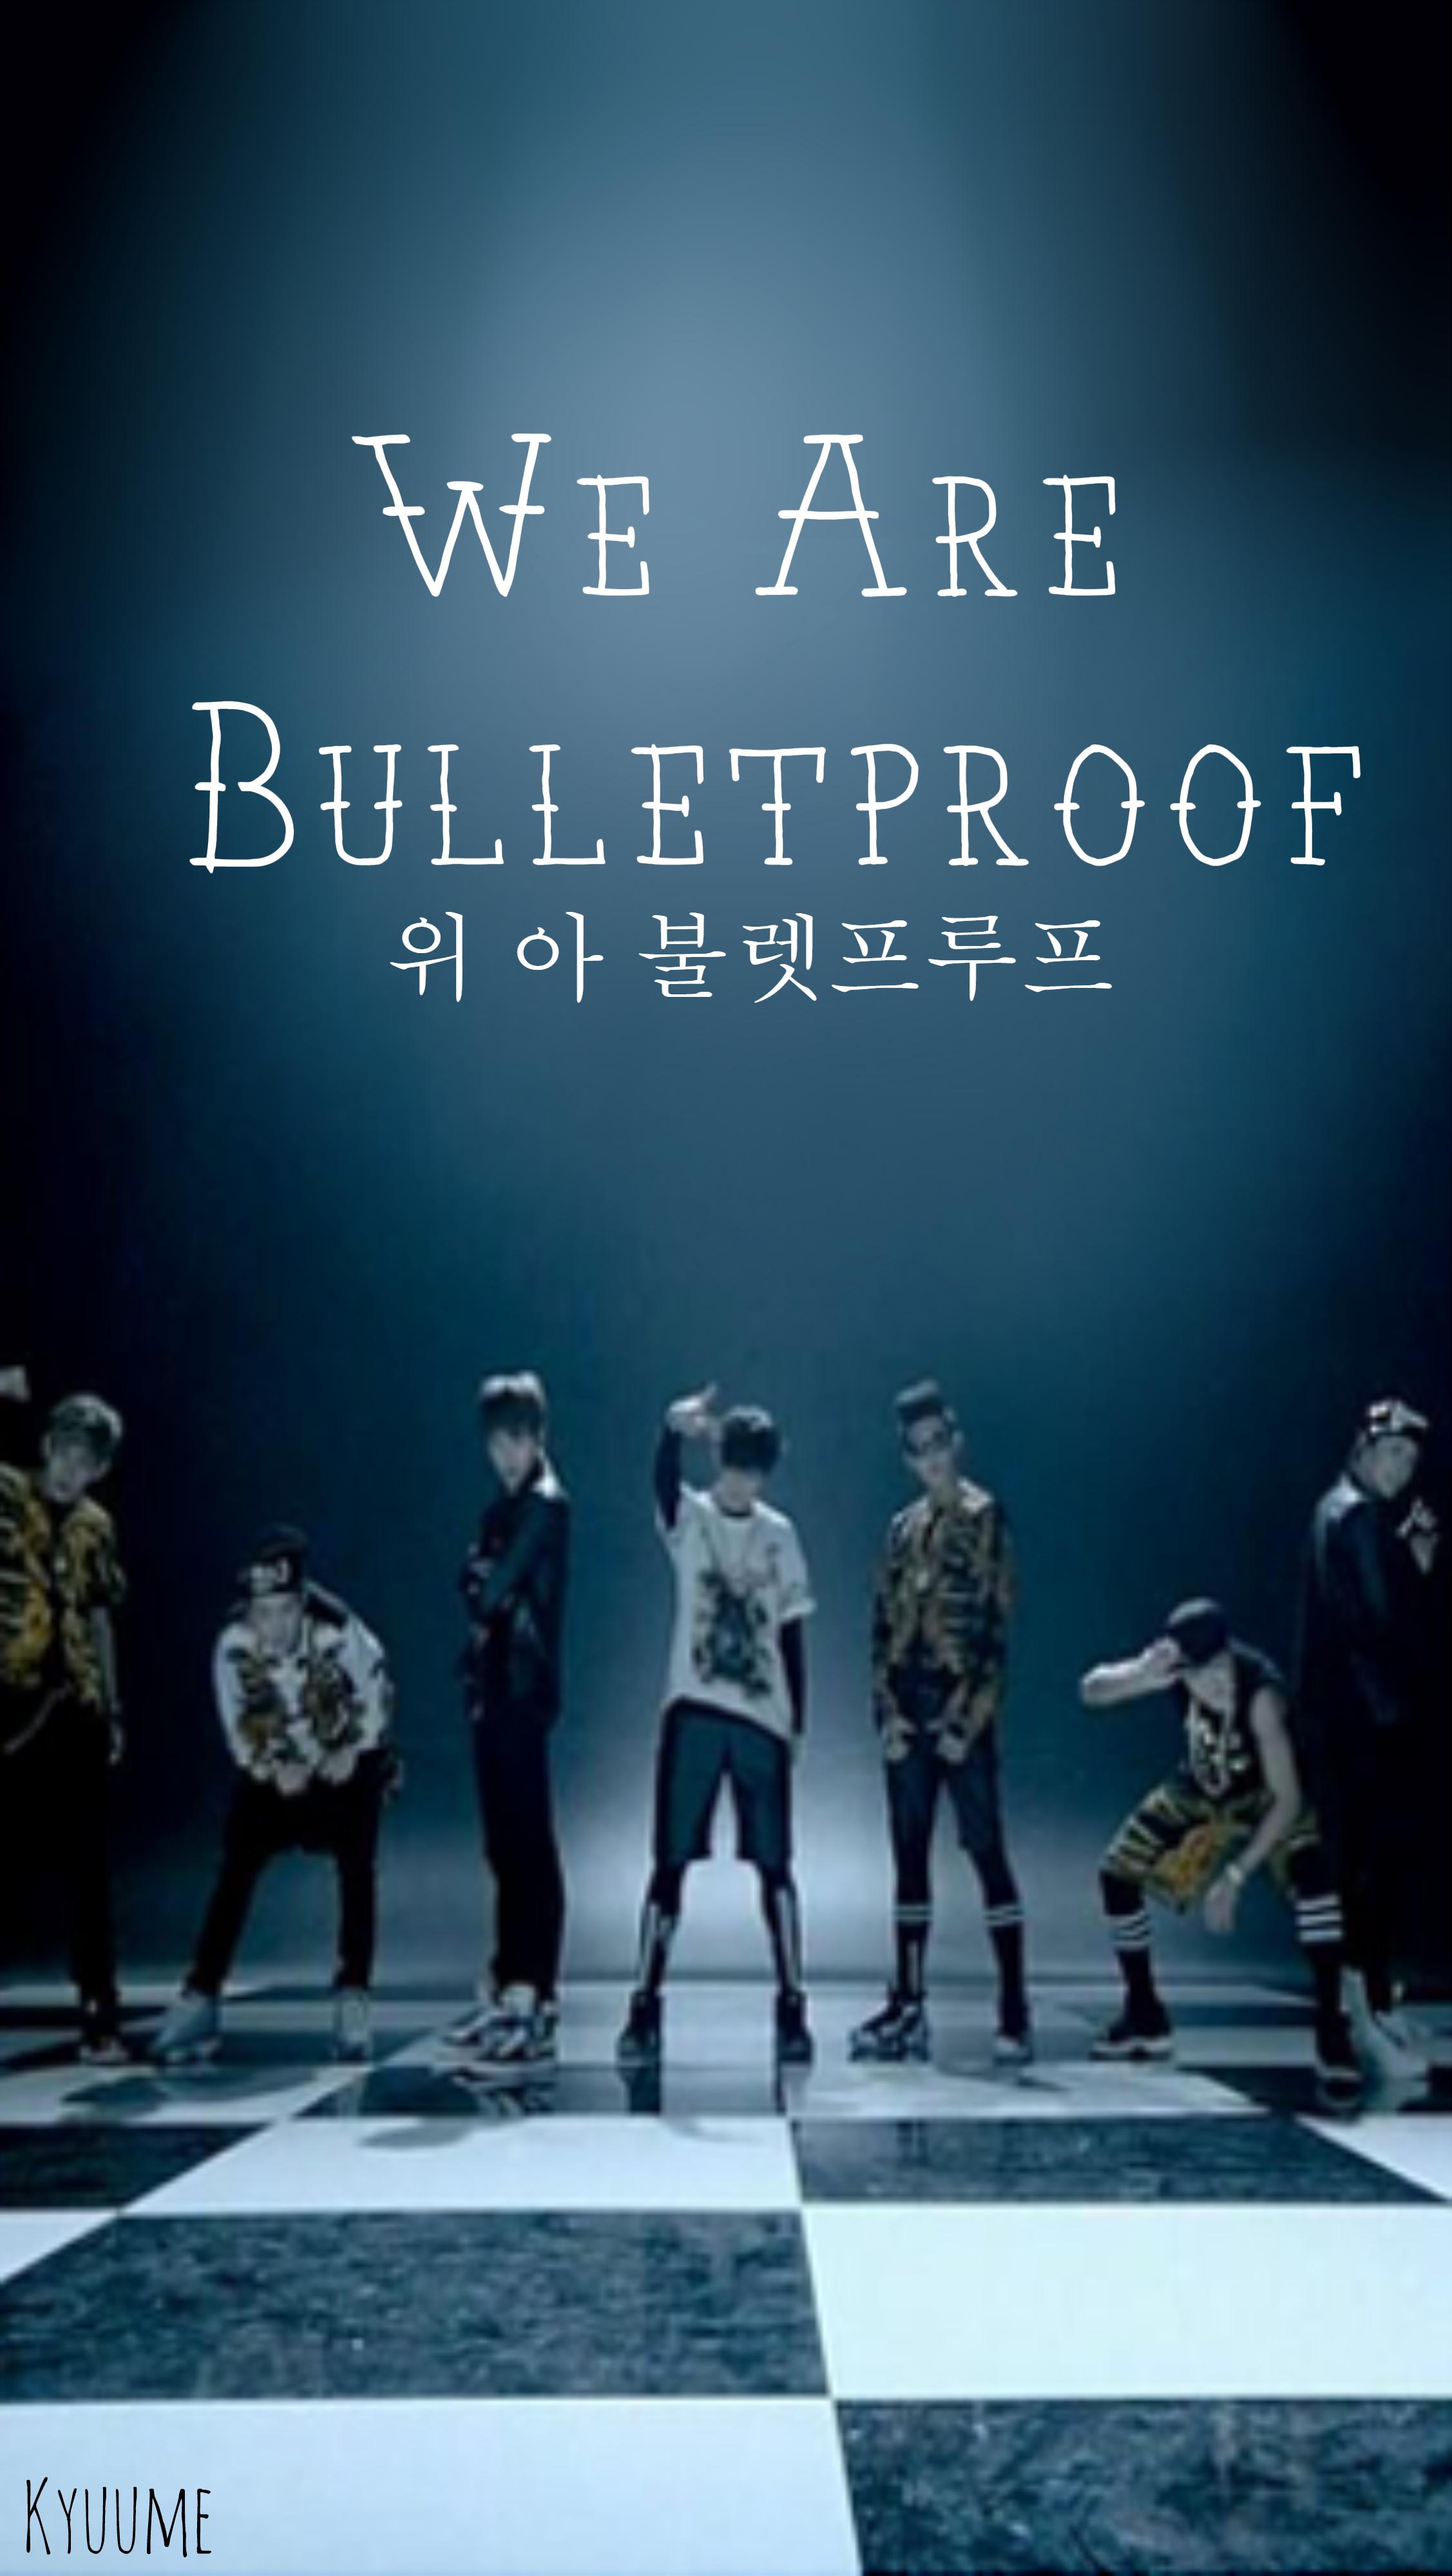 Wallpaper Bts We Are Bulletproof Bts Wallpaper Bts Fanart Bts Boys